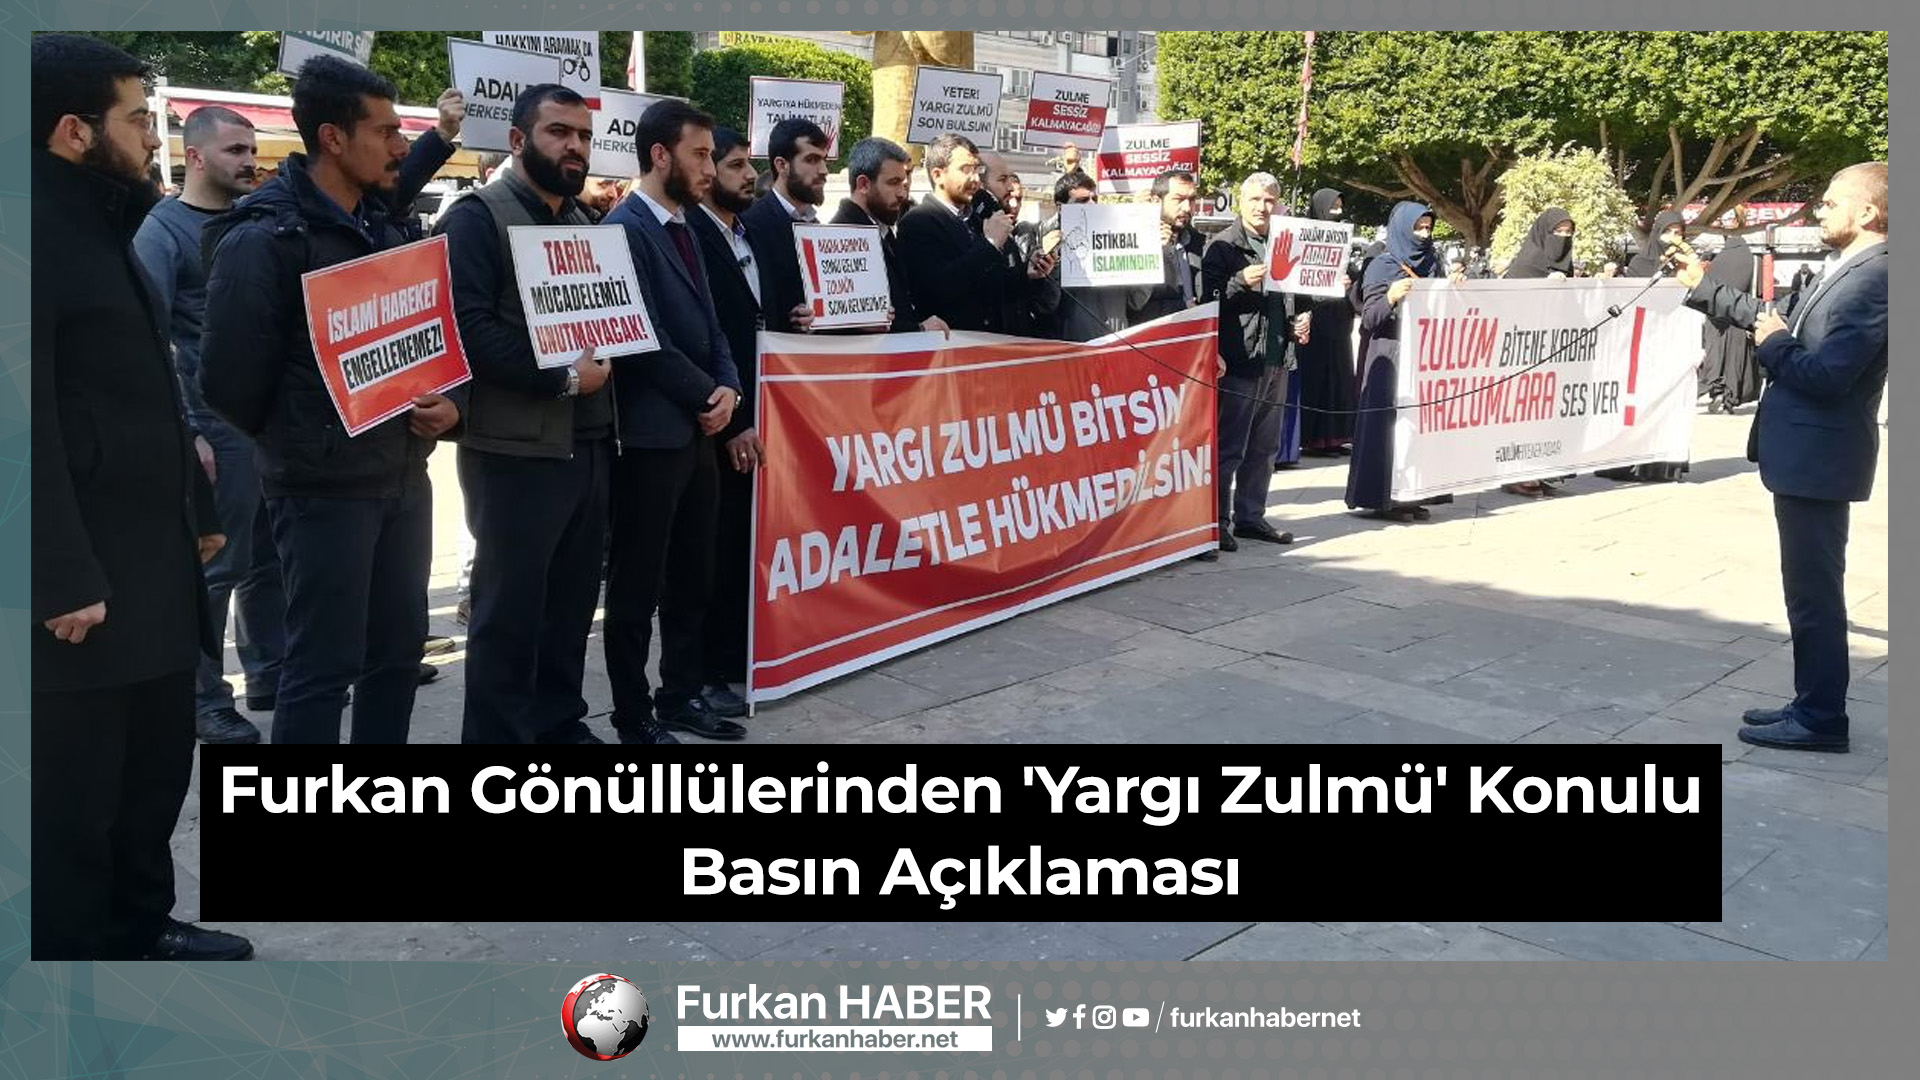 Furkan Gönüllülerinden 'Yargı Zulmü' Konulu Basın Açıklaması